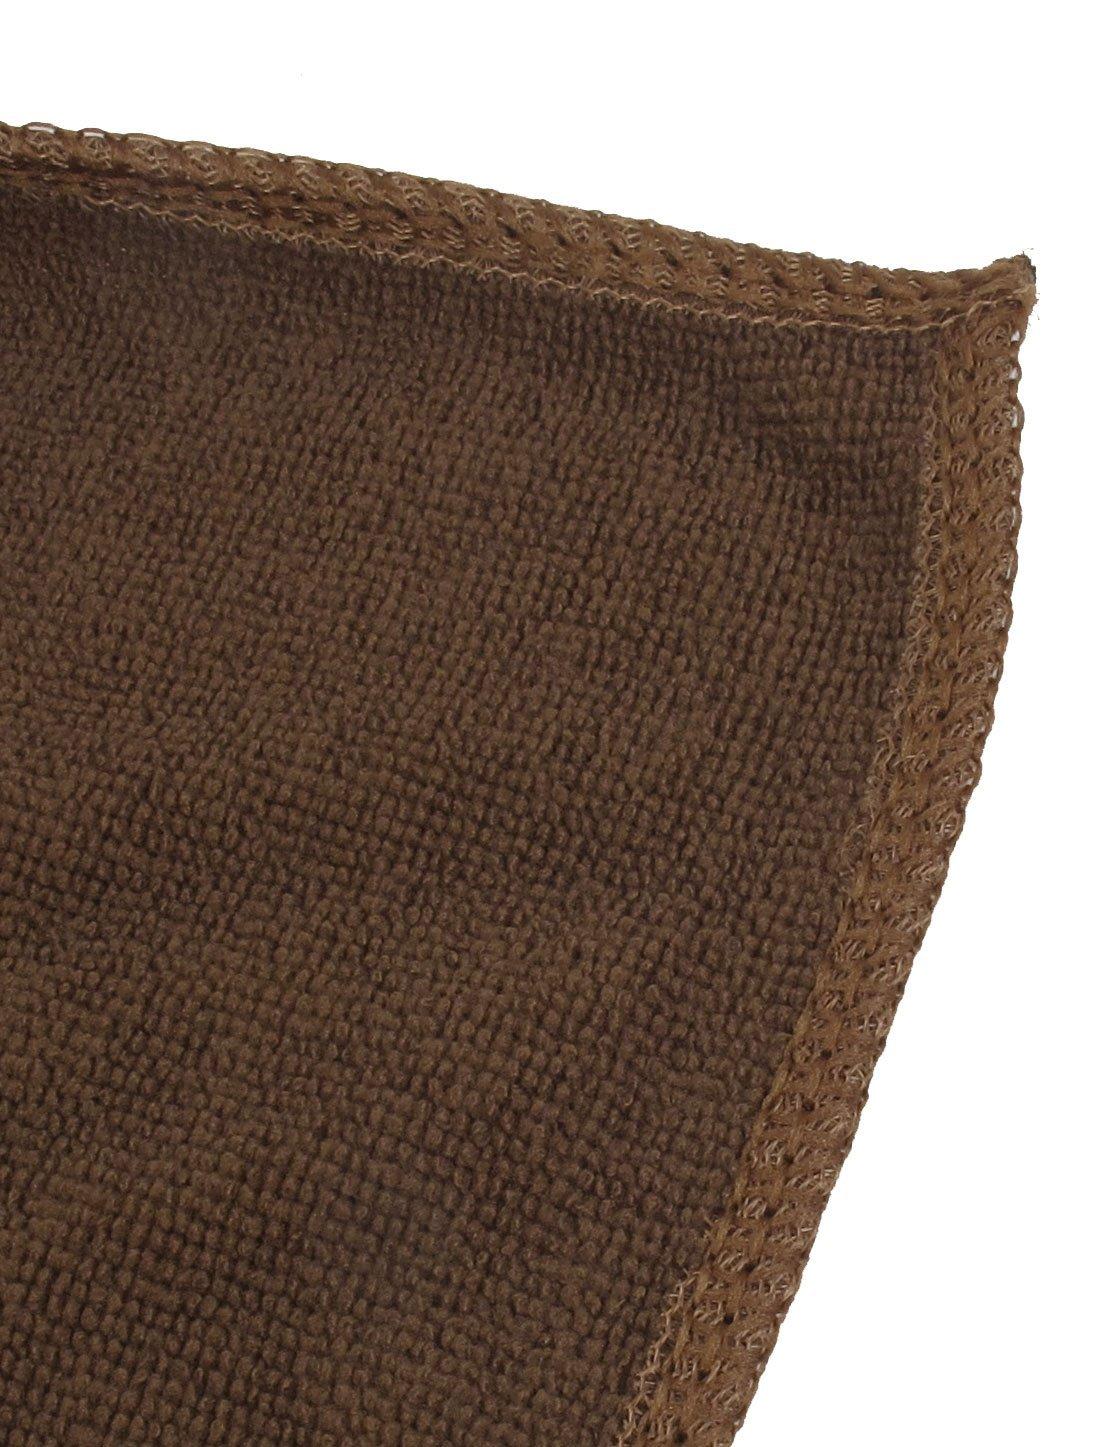 Amazon.com: 140 cm x 70 cm en Color café Suave Terry toalla de baño de la ducha por un gimnasio en casa: Home & Kitchen